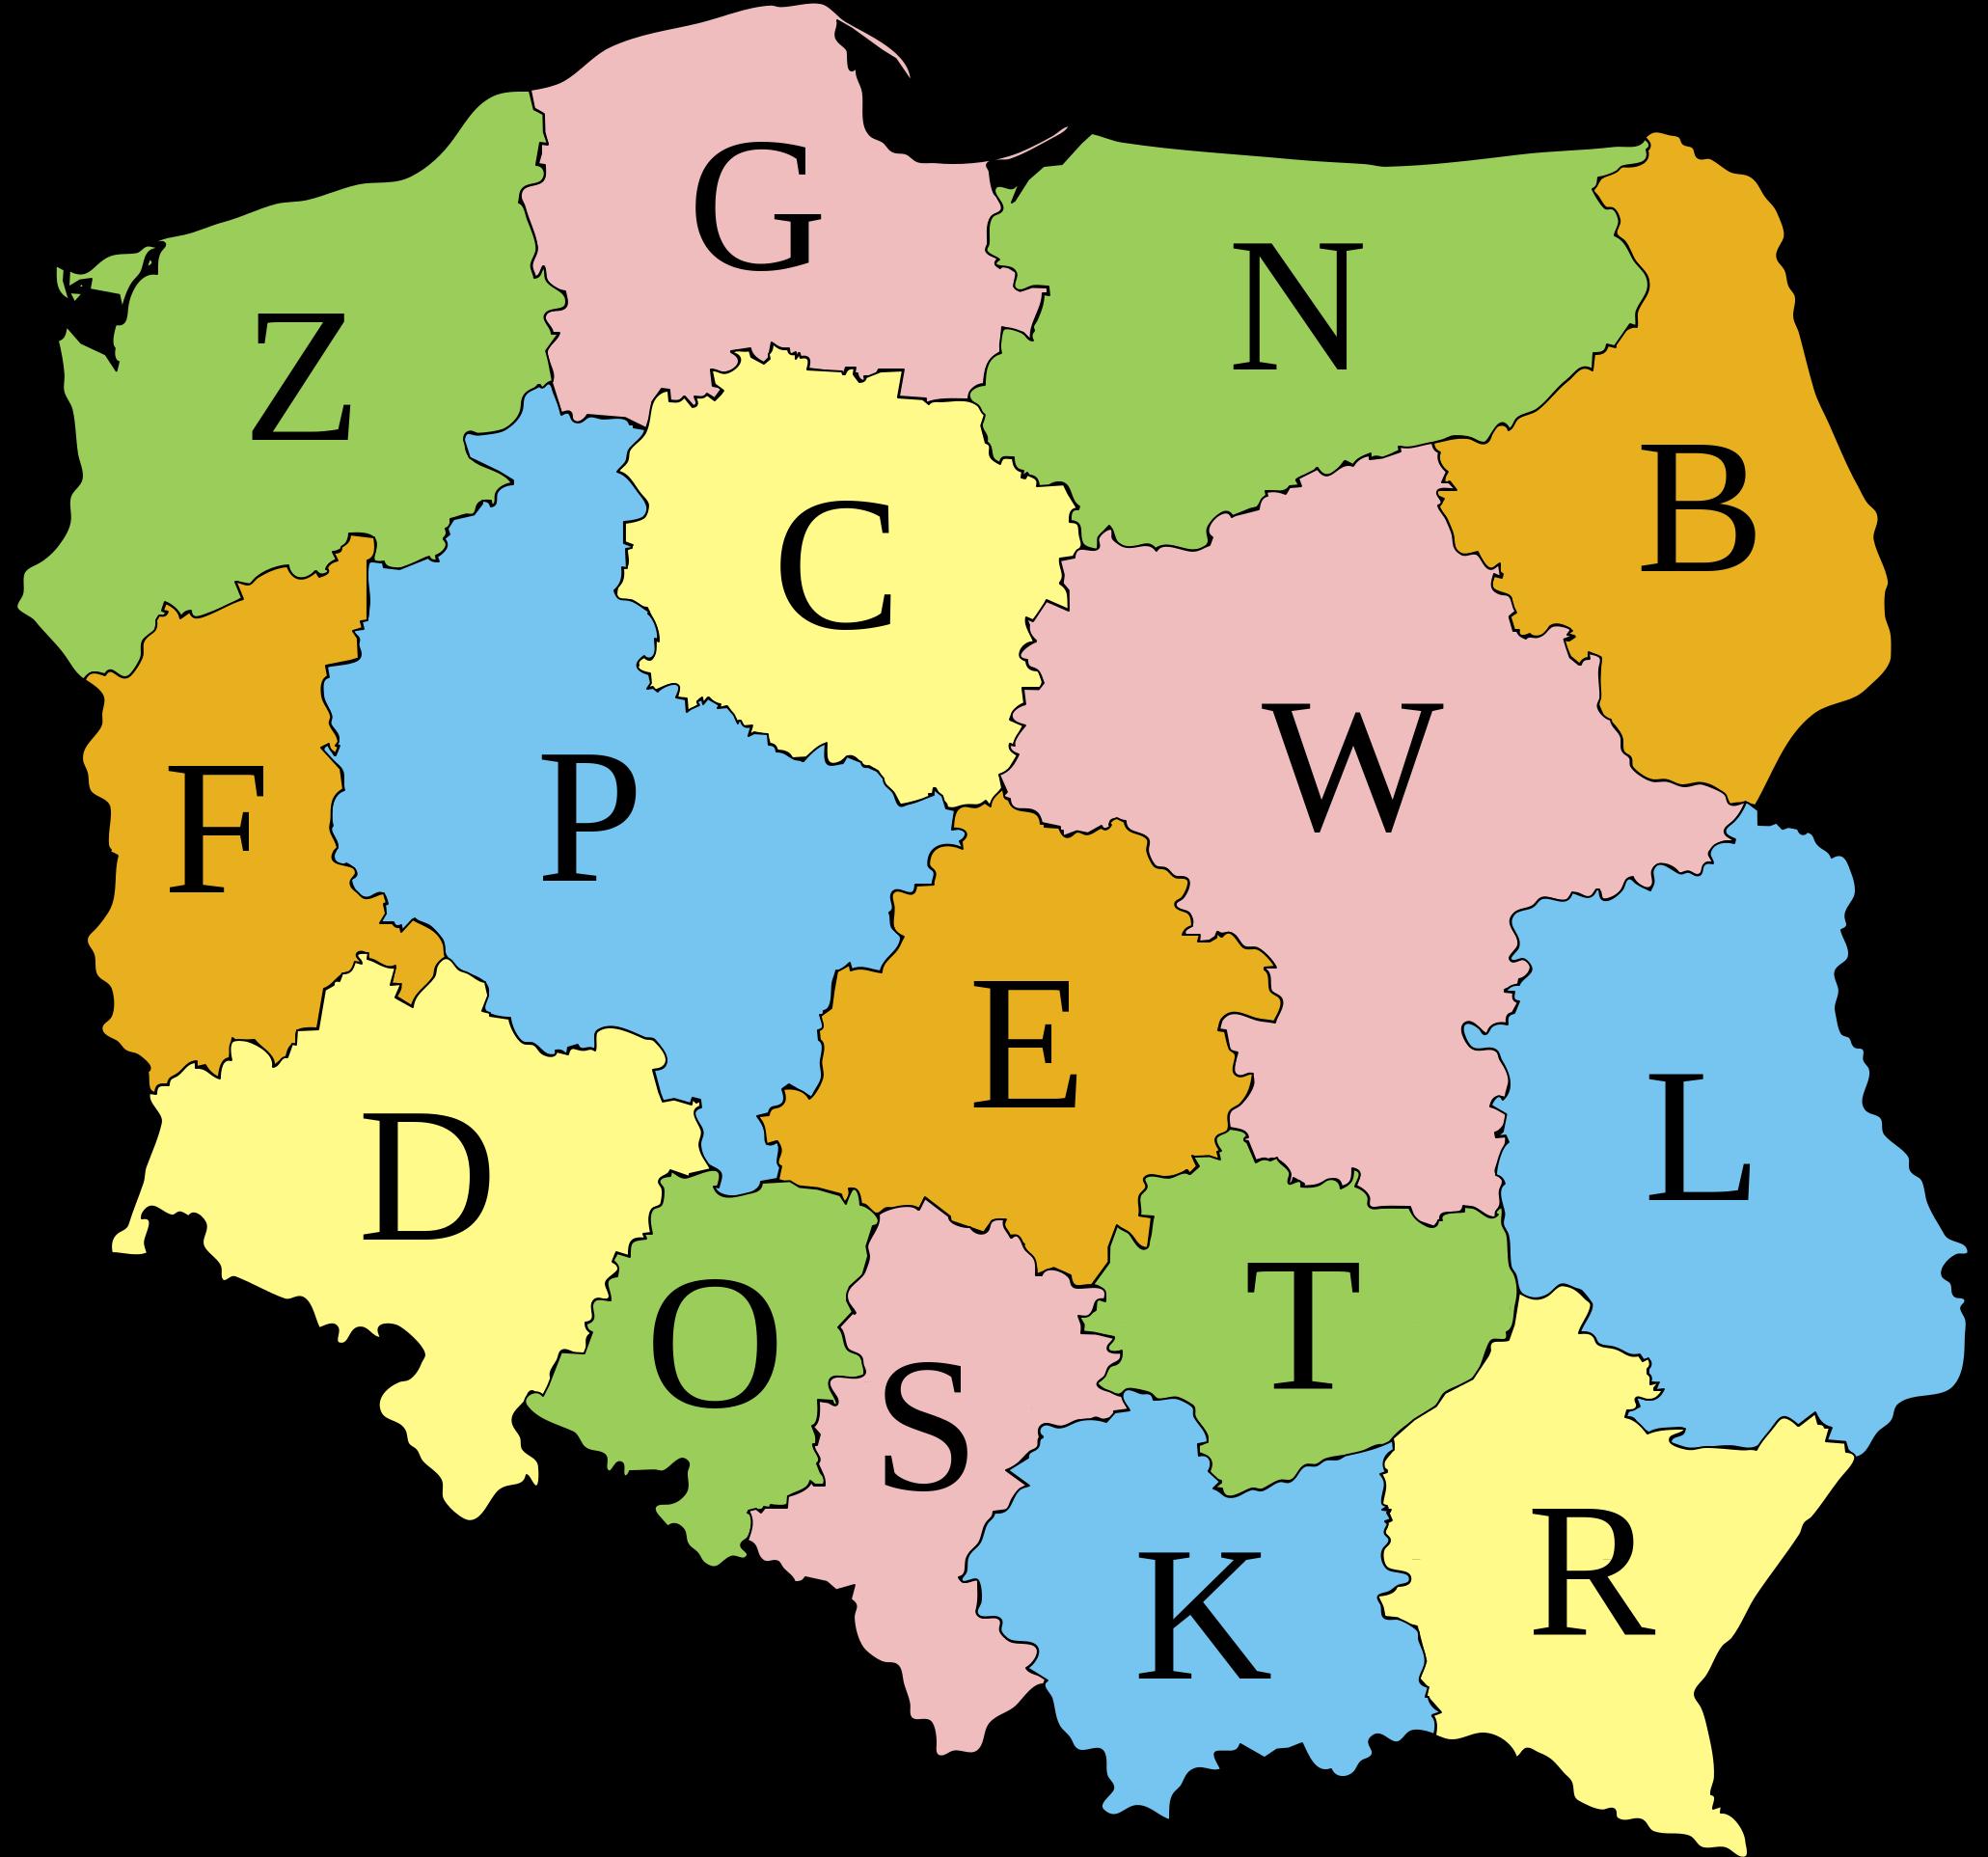 Kódy vojvodství v Polsku